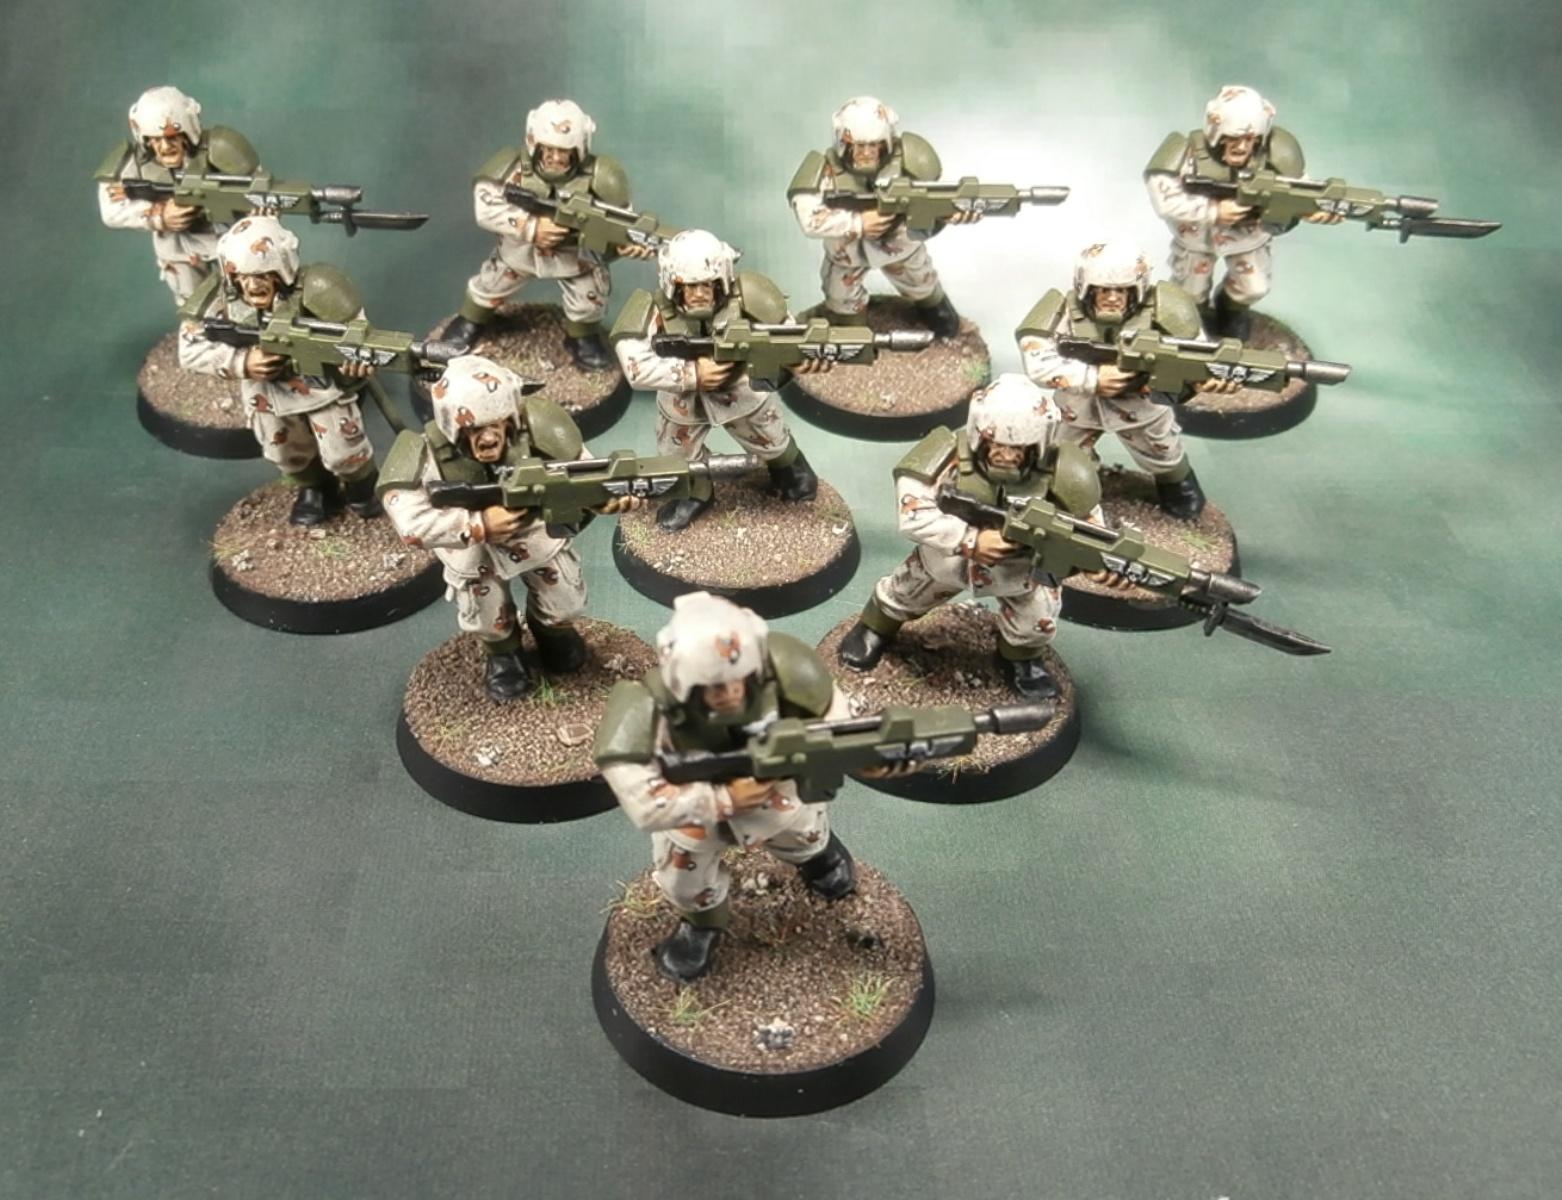 troop_reinforcements_by_elmo9141-d83yy4w